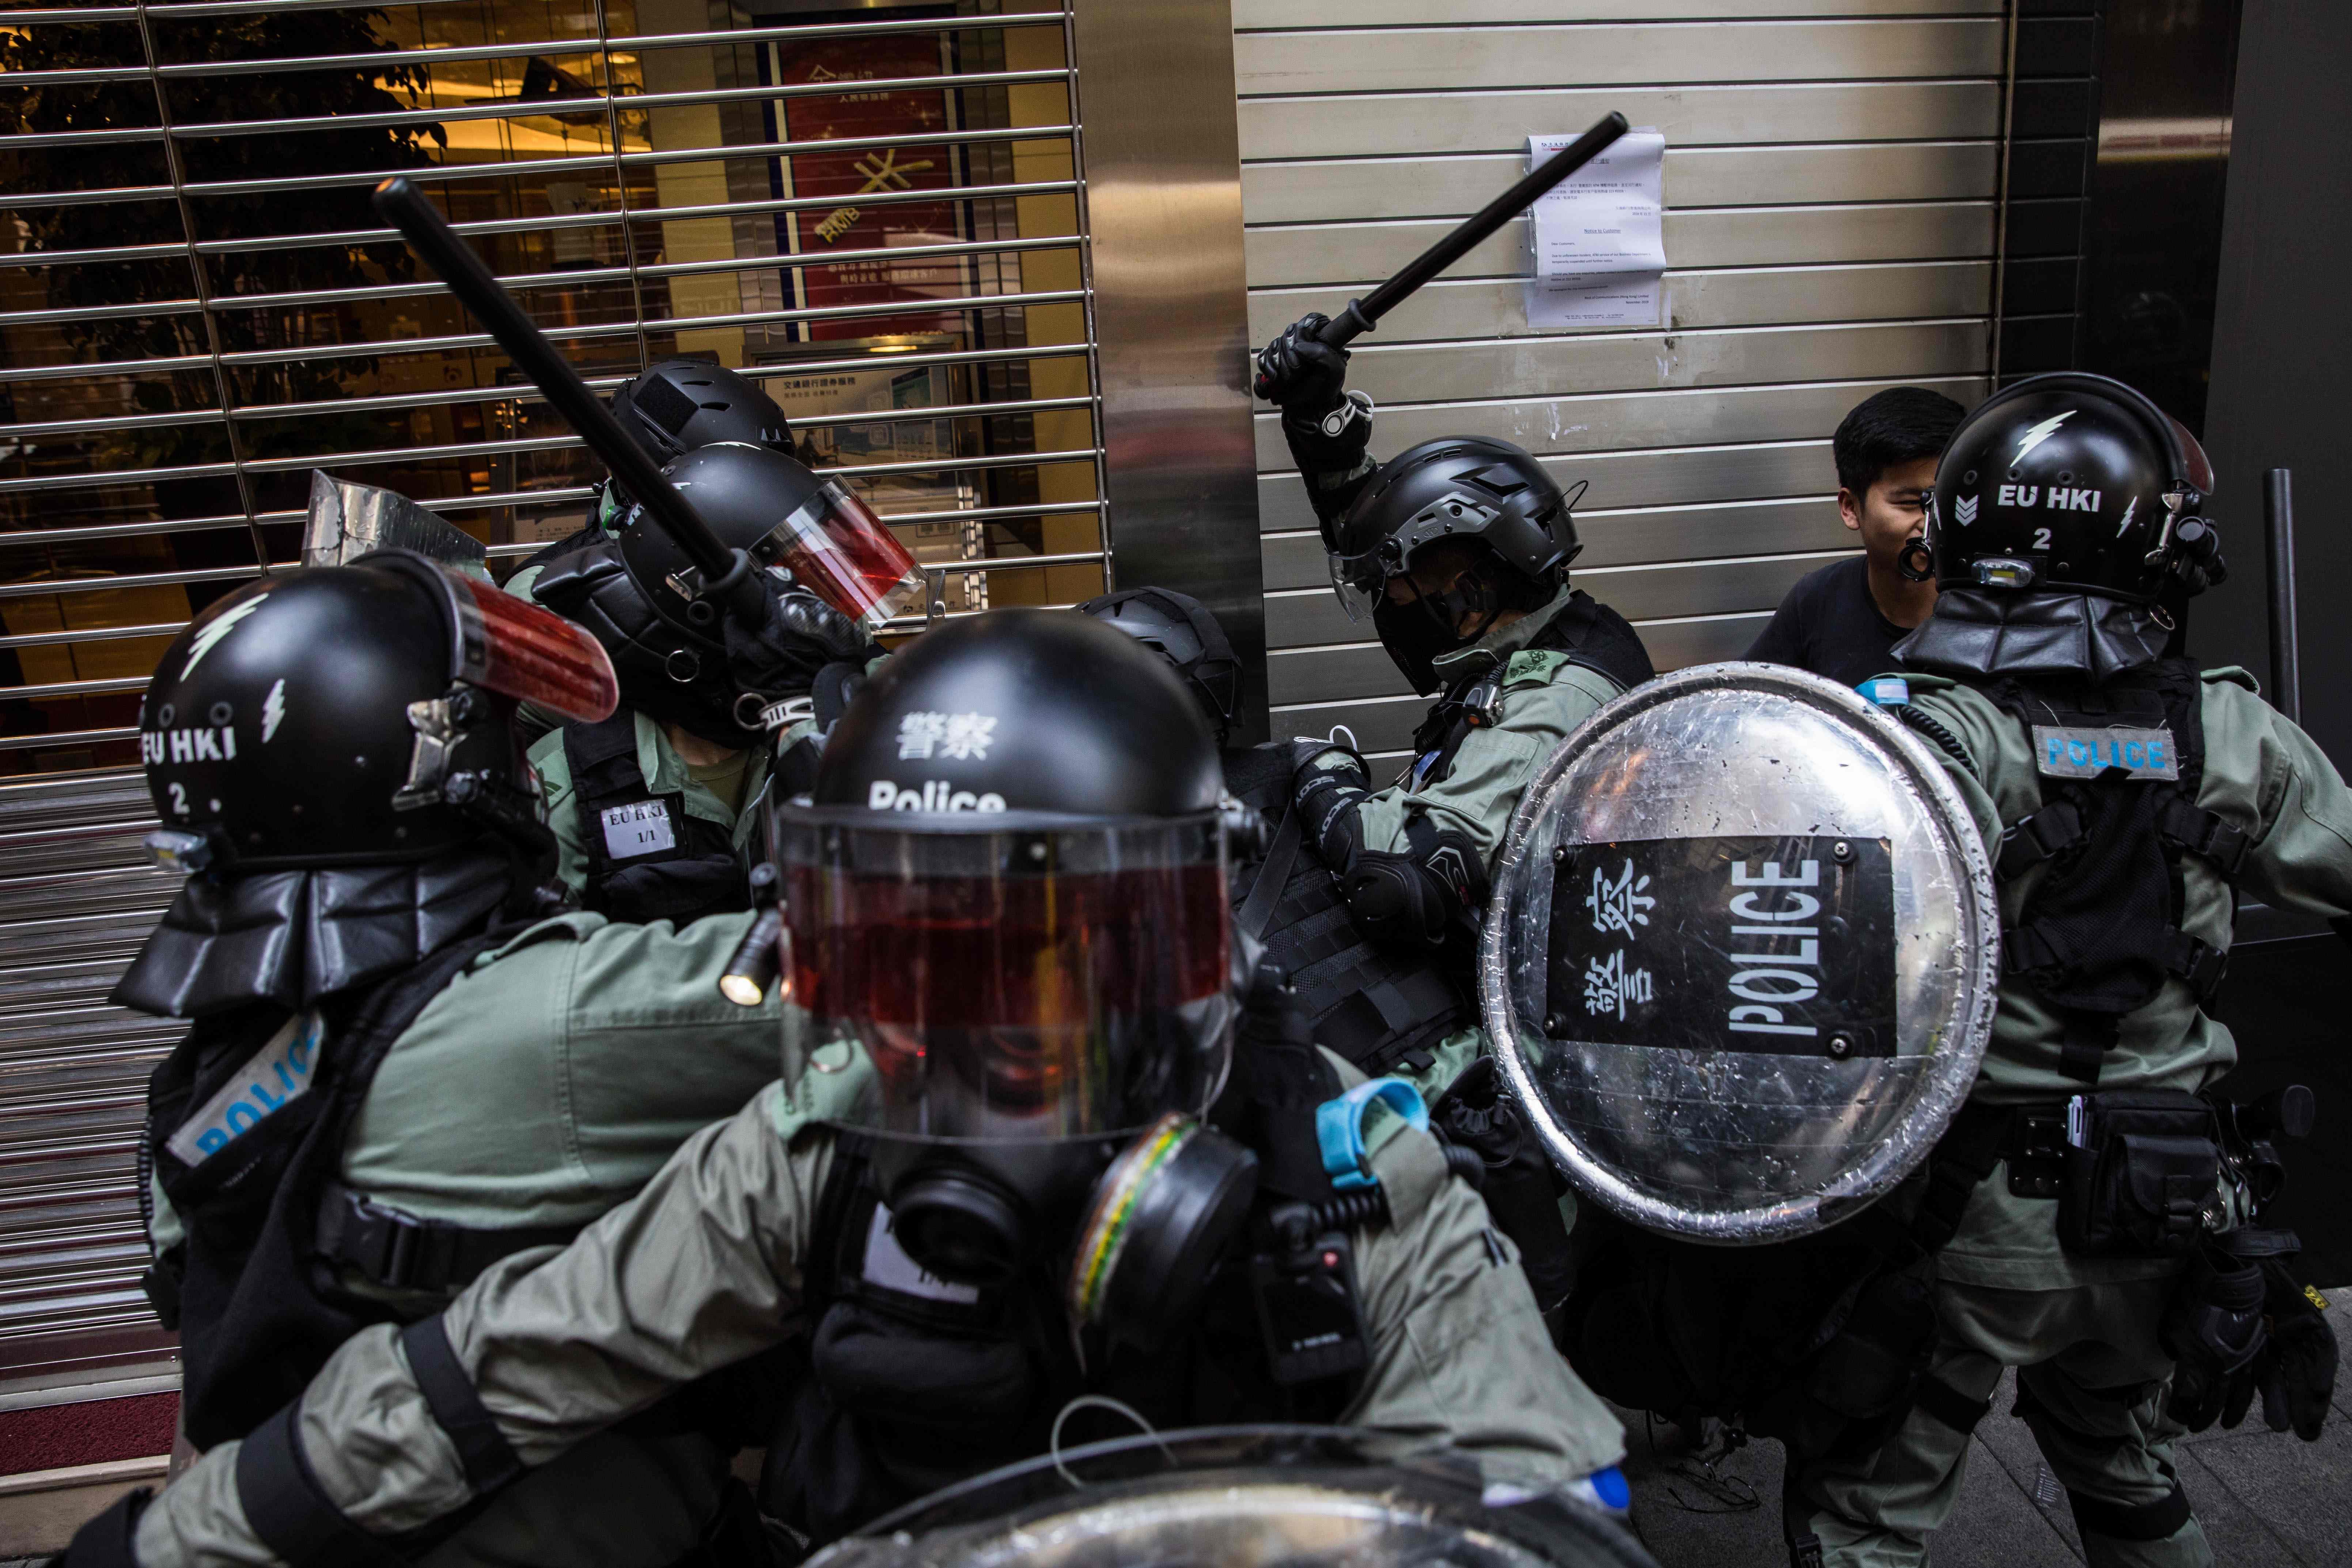 20191112 police 2.jpg